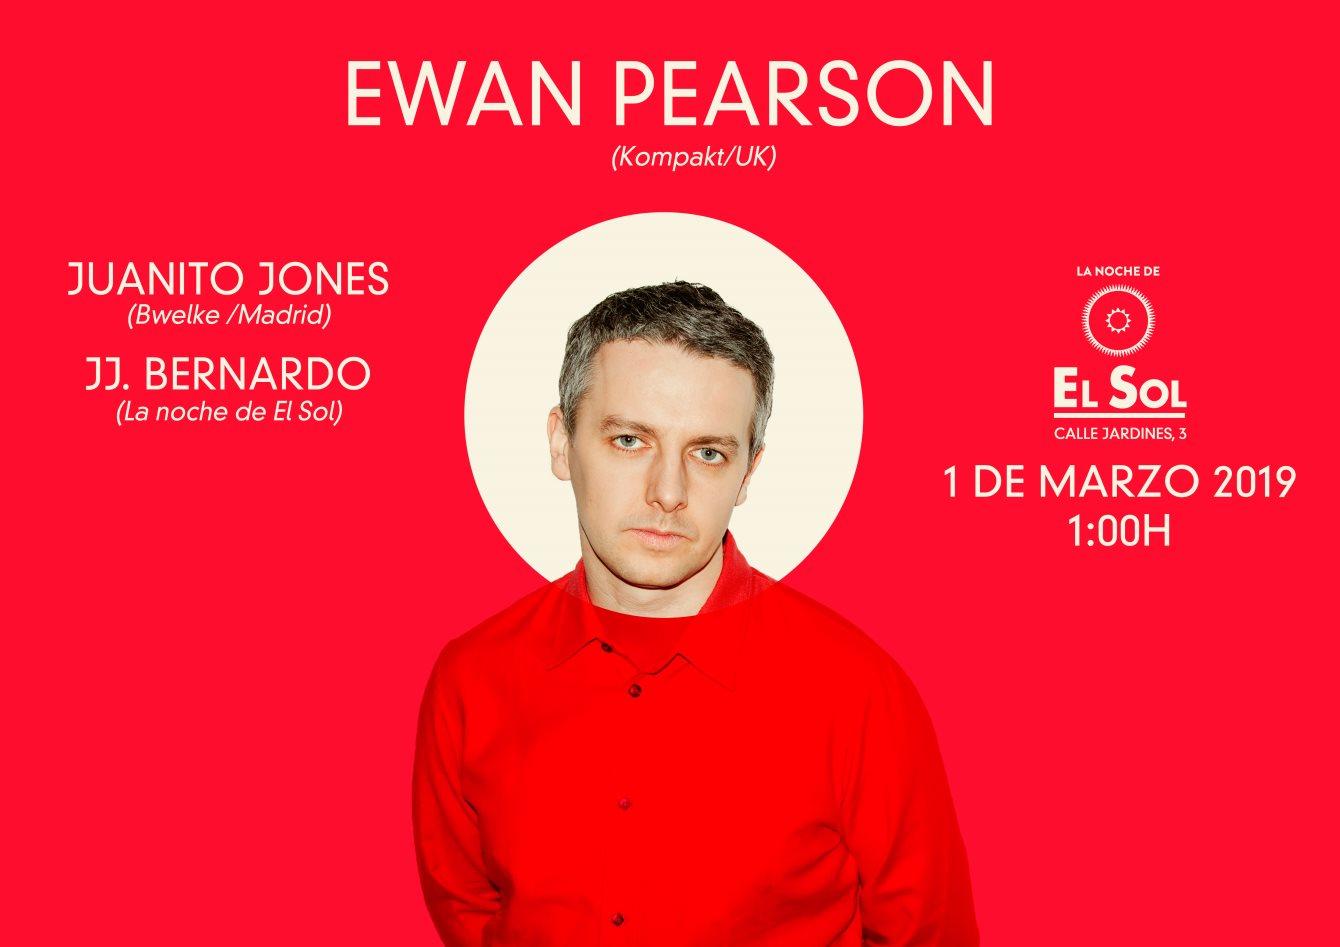 La Noche de El Sol presenta: Ewan Pearson (Kompakt) - Flyer front